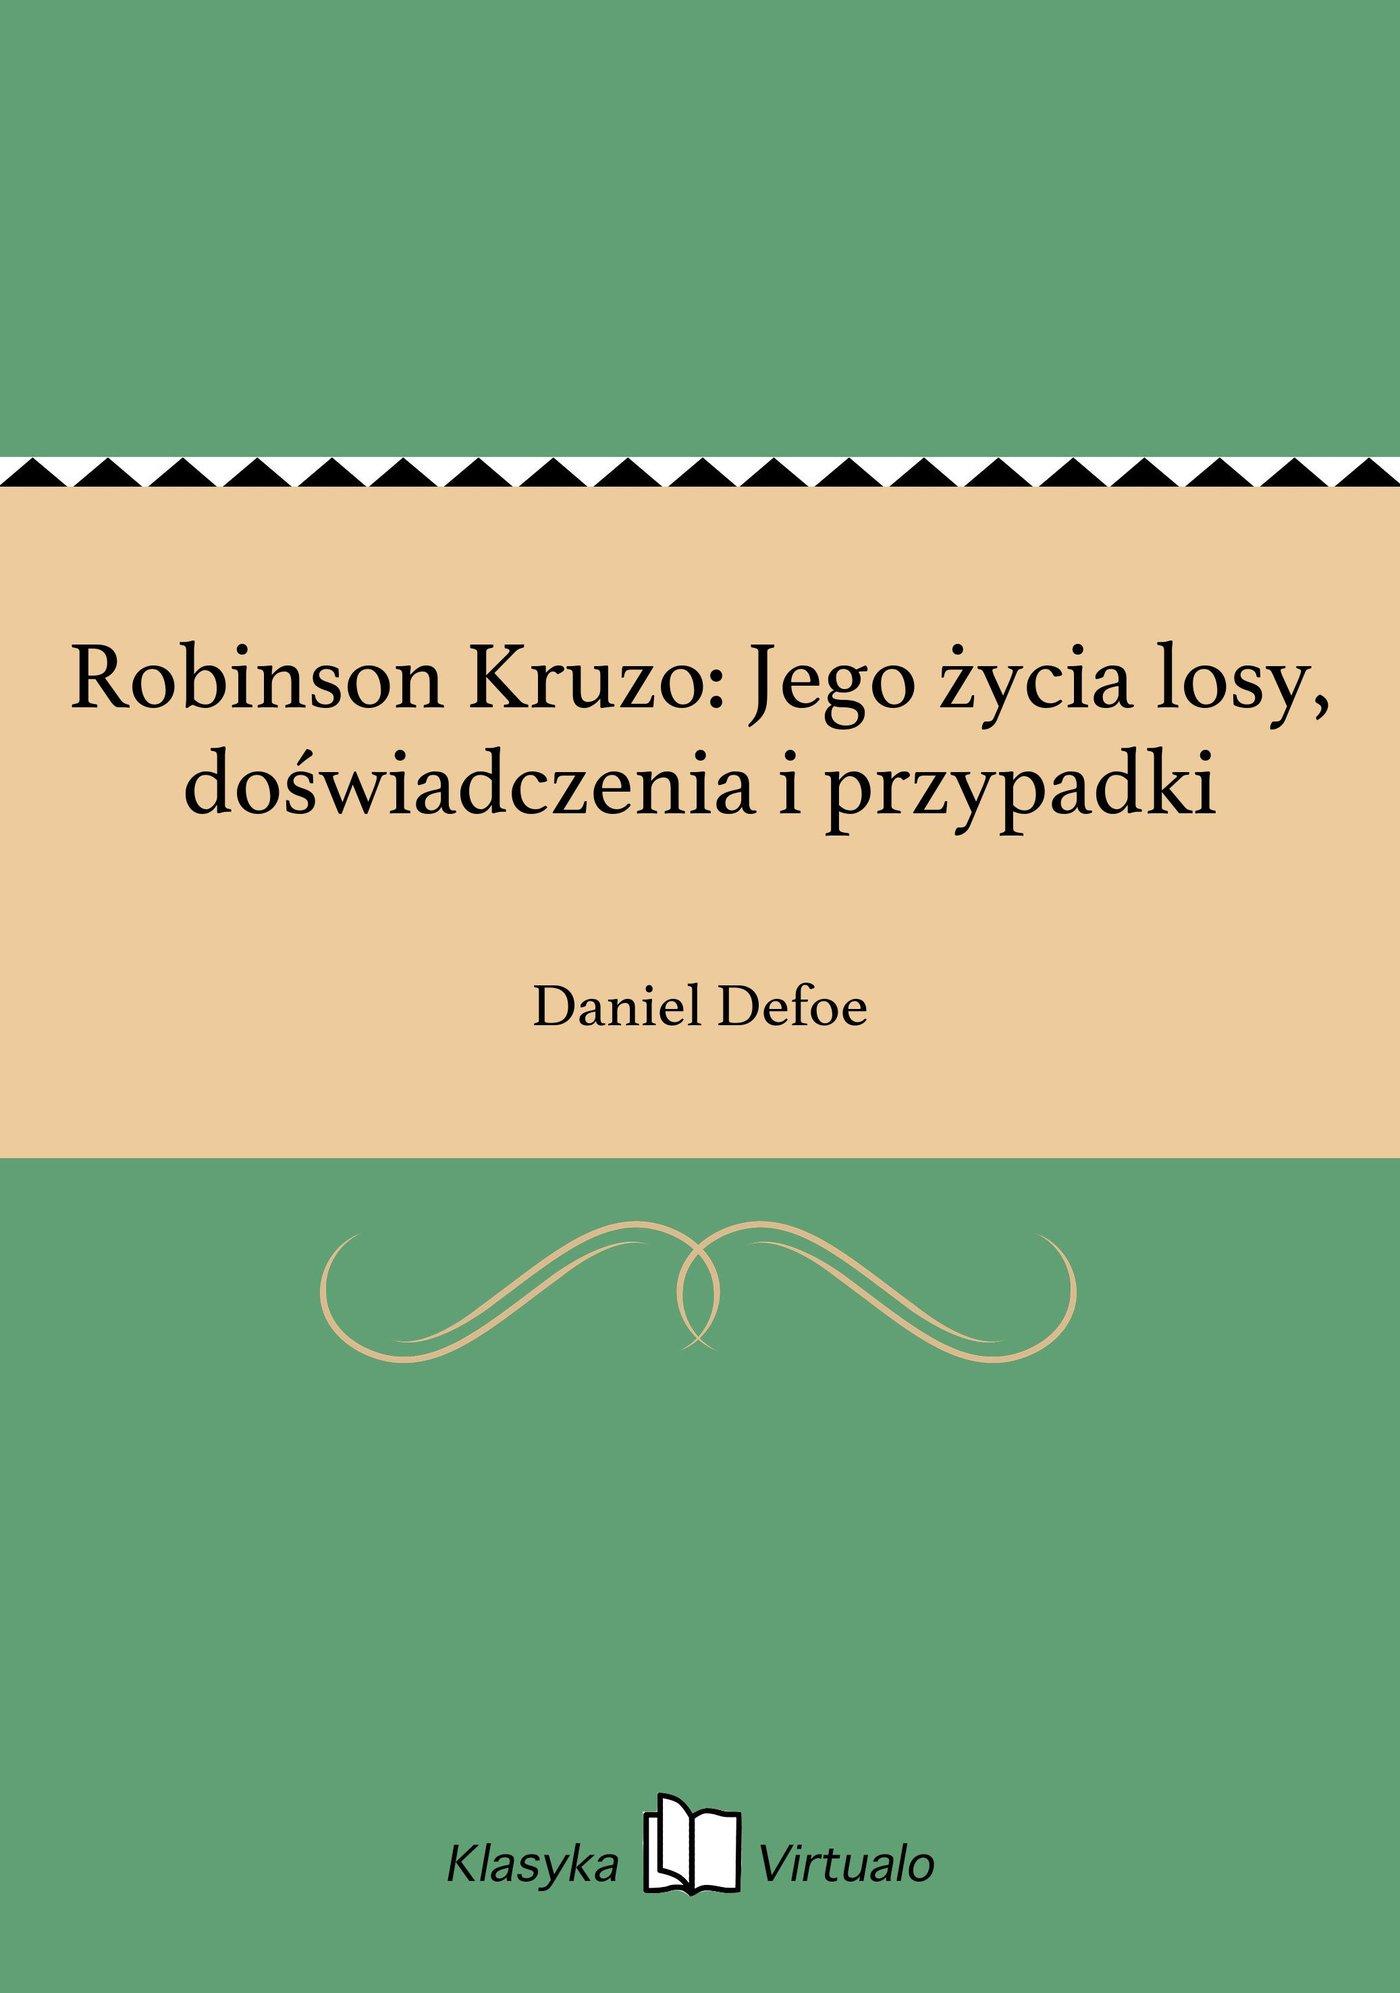 Robinson Kruzo: Jego życia losy, doświadczenia i przypadki - Ebook (Książka na Kindle) do pobrania w formacie MOBI